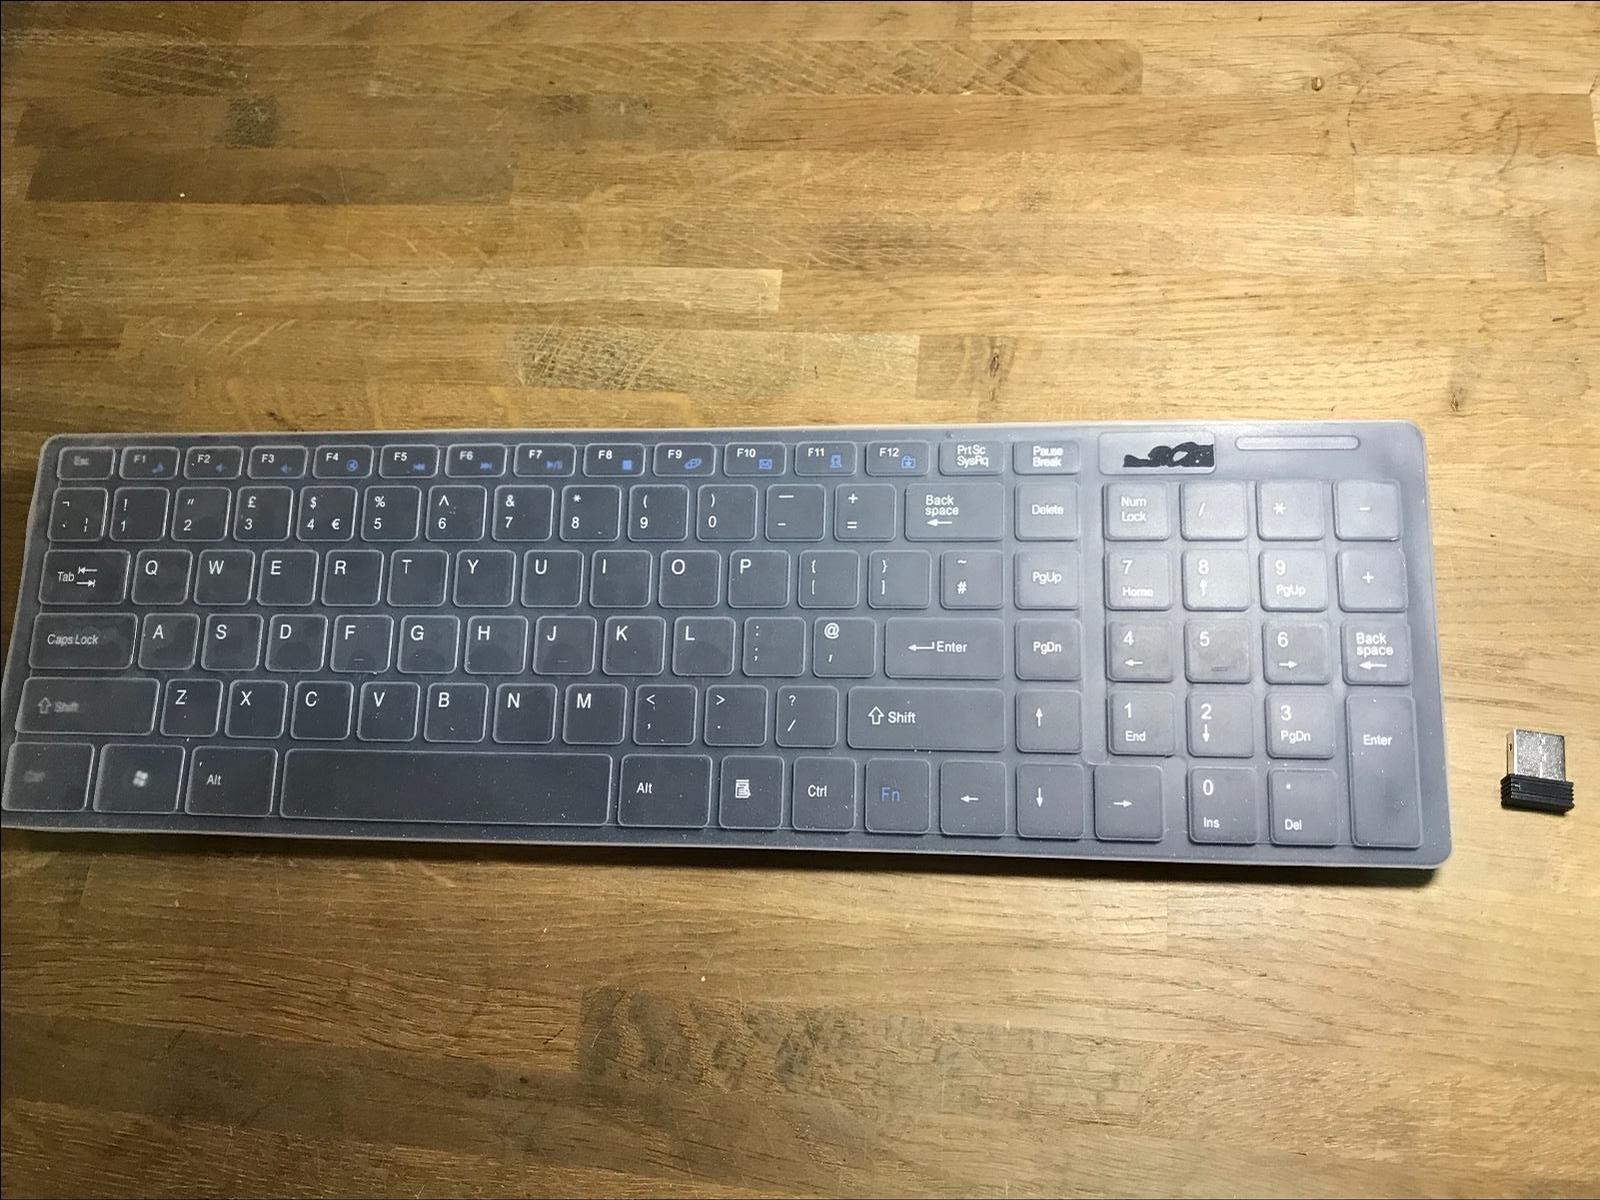 Teclado inalámbrico Blanco con Teclado numpad y ratón Toshiba 46TL968 46 Pulgadas LCD Smart TV: Amazon.es: Electrónica